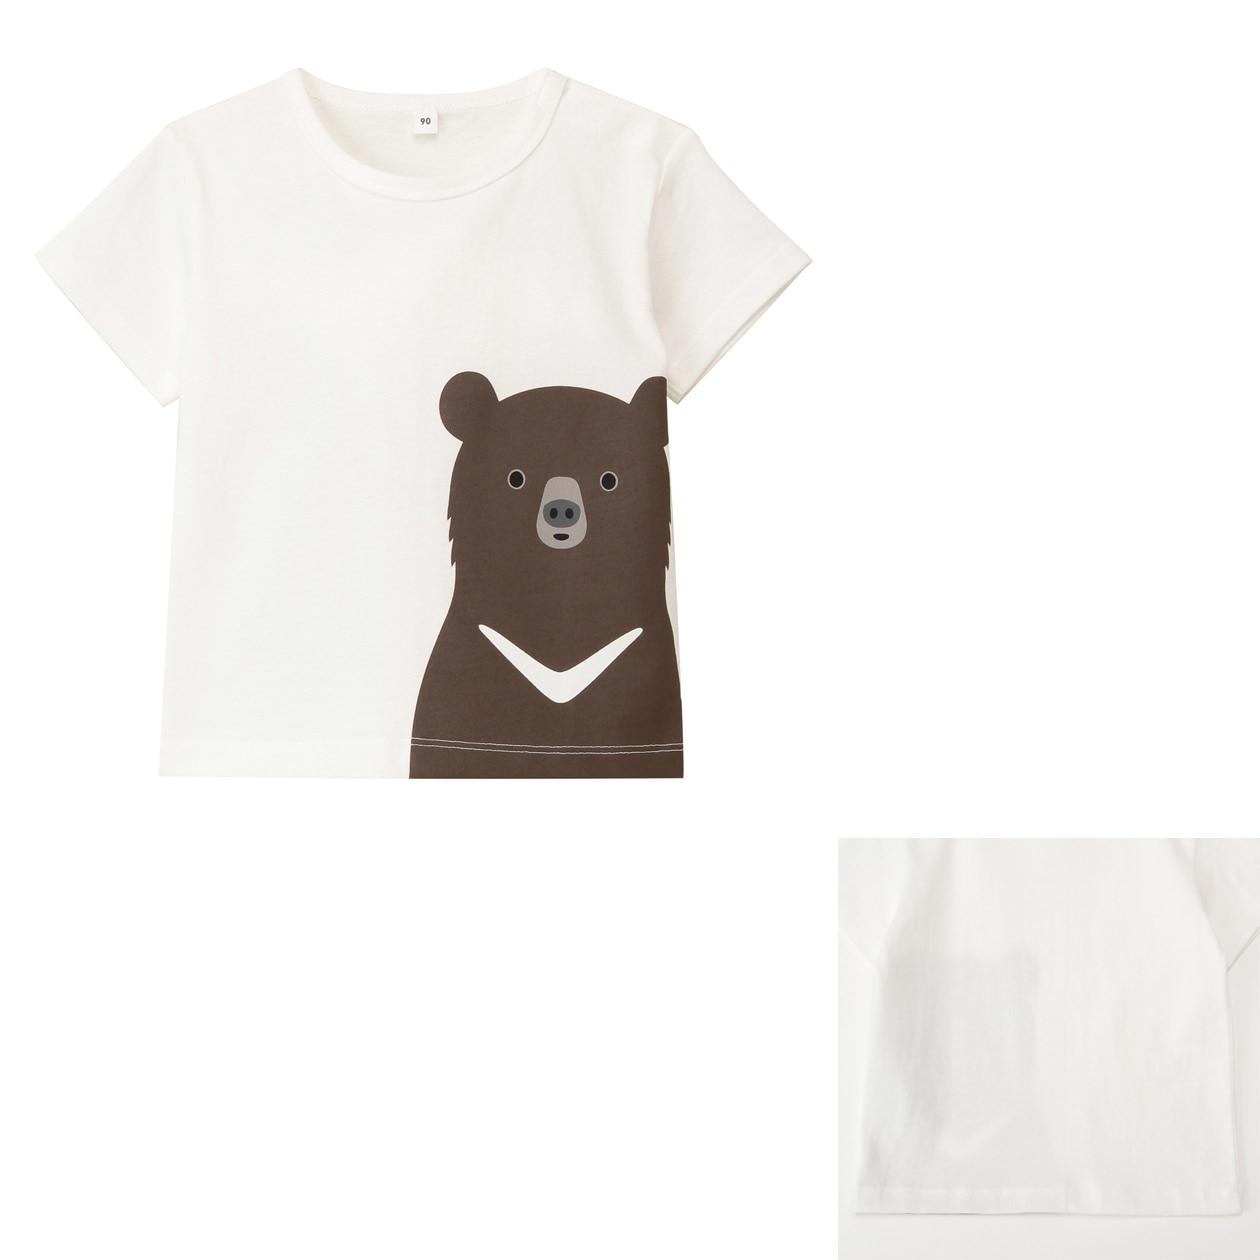 Organic cotton printed t shirt baby 80 ursus thibetanus muji for Sustainable t shirt printing